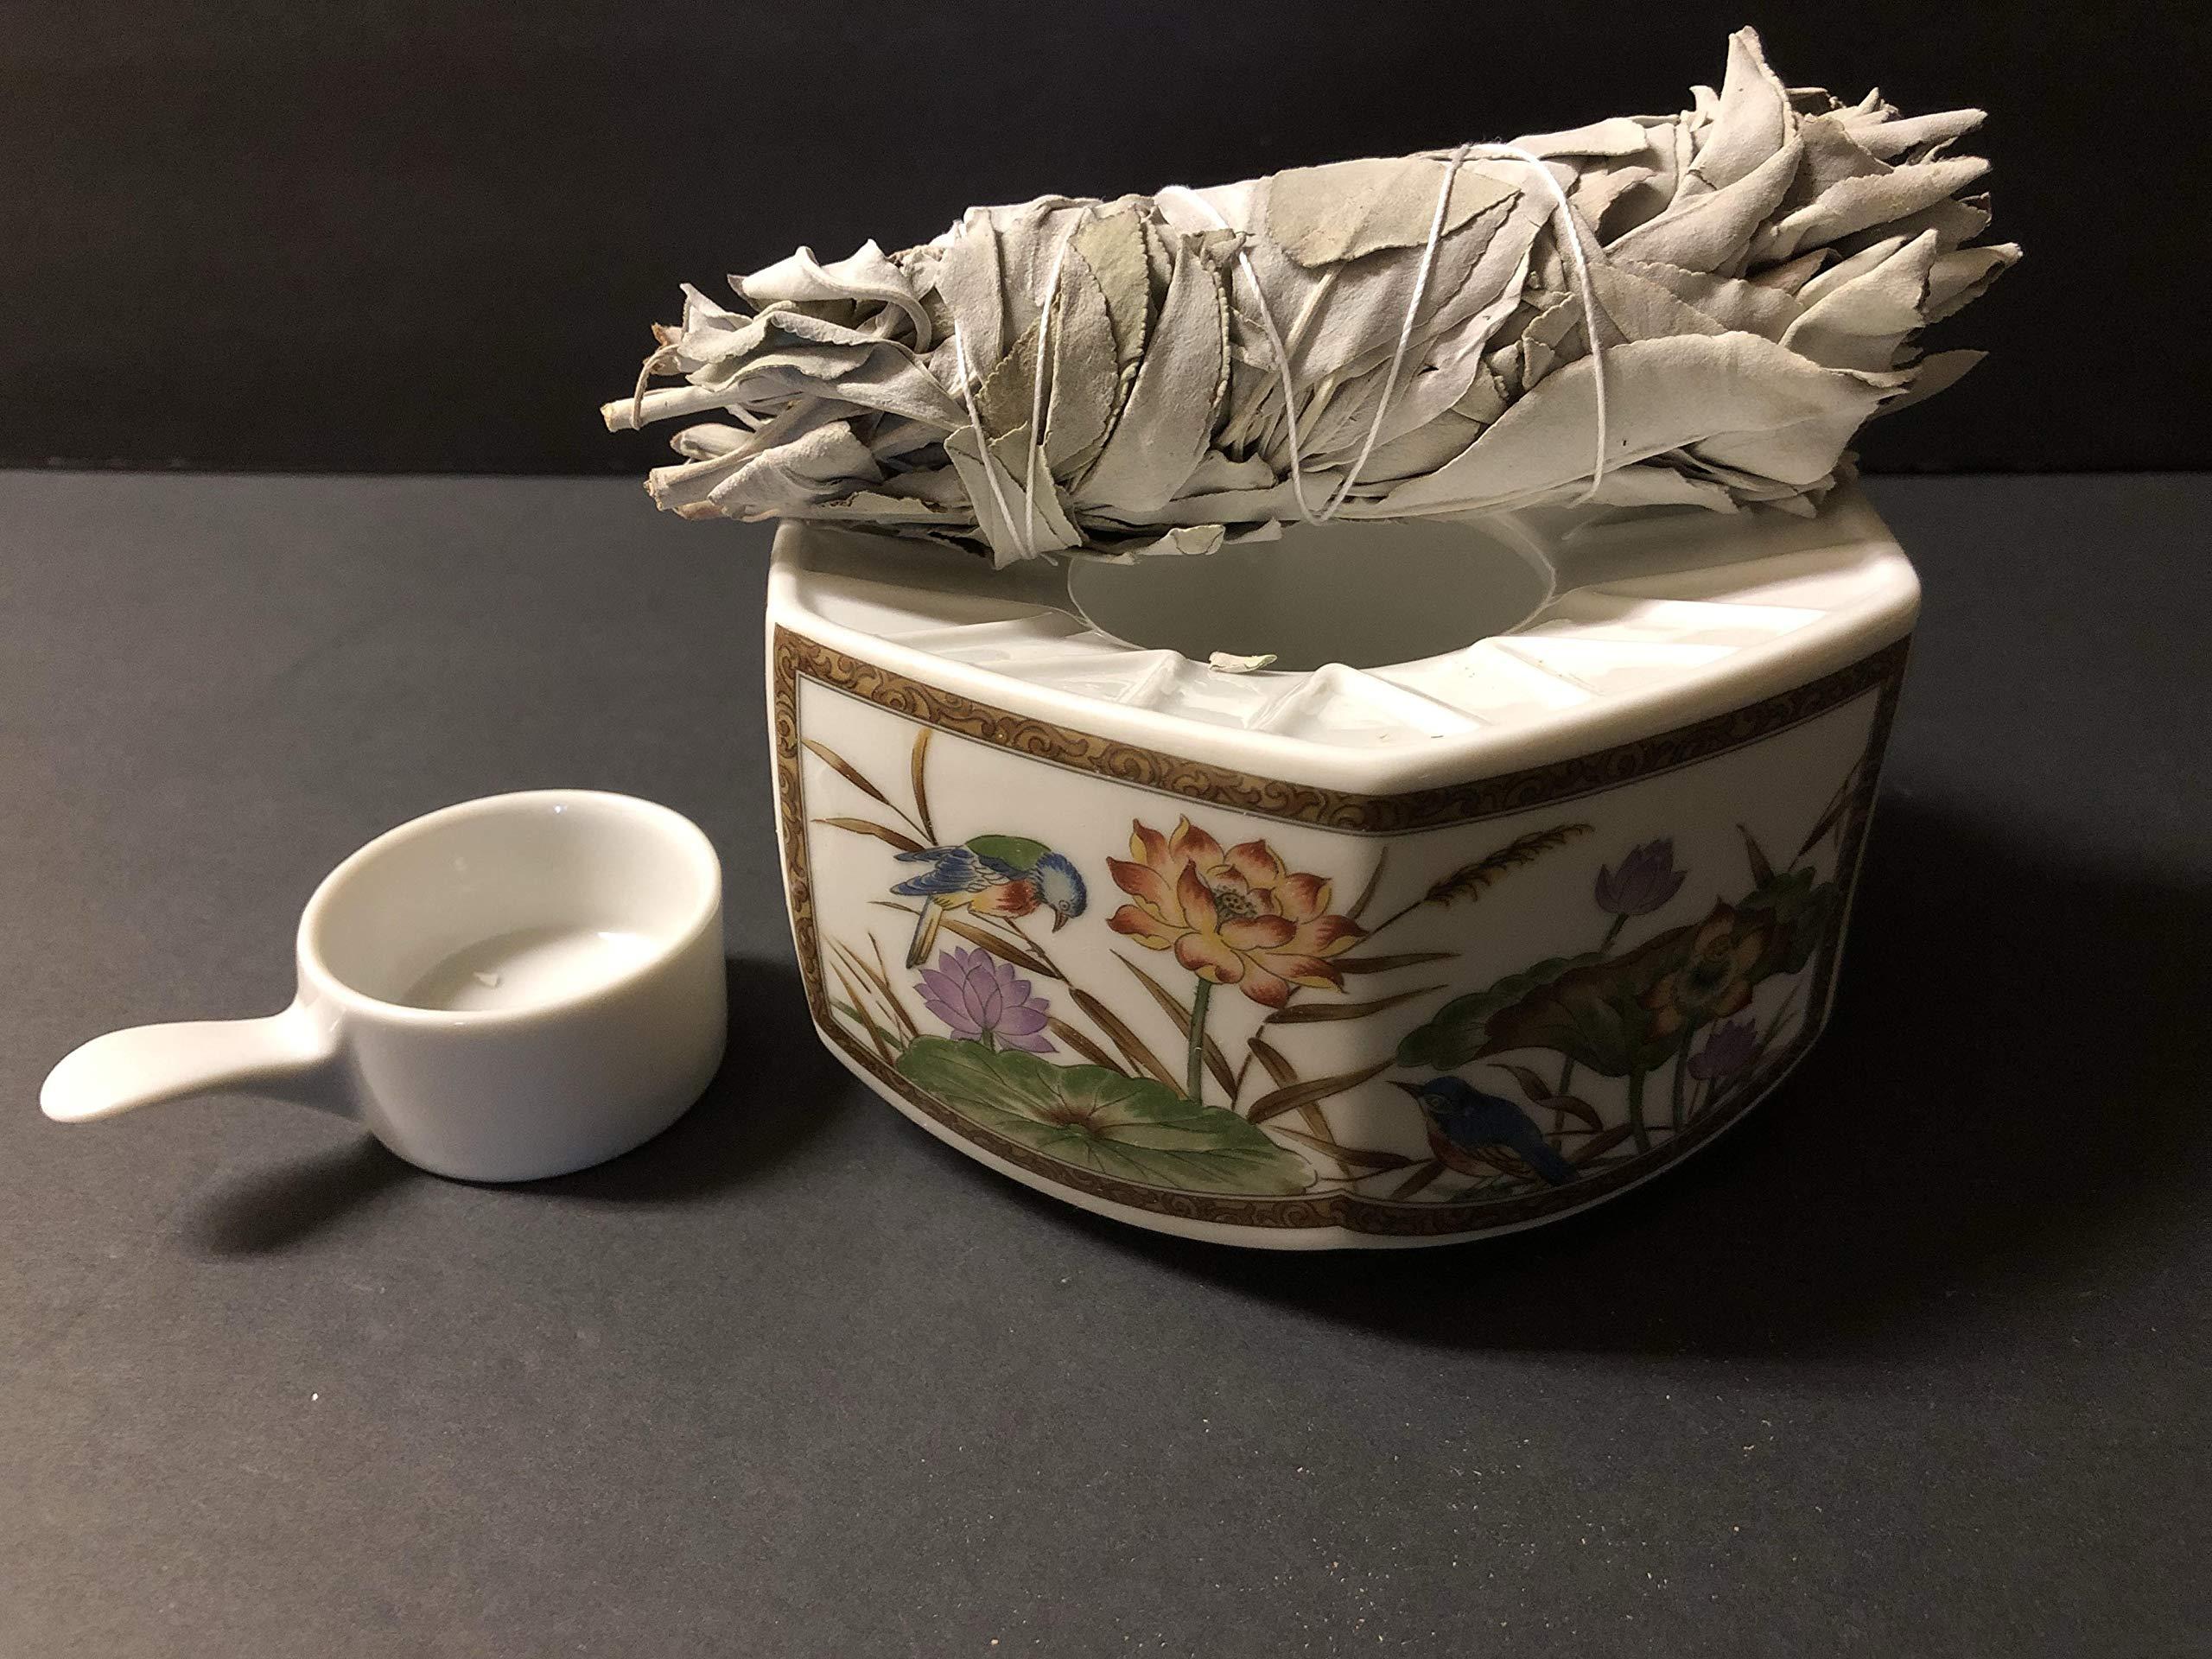 30 Pcs White Sage Bundle Smudge Incense 5''-6''+1 Incense Burner by Wincense (Image #2)